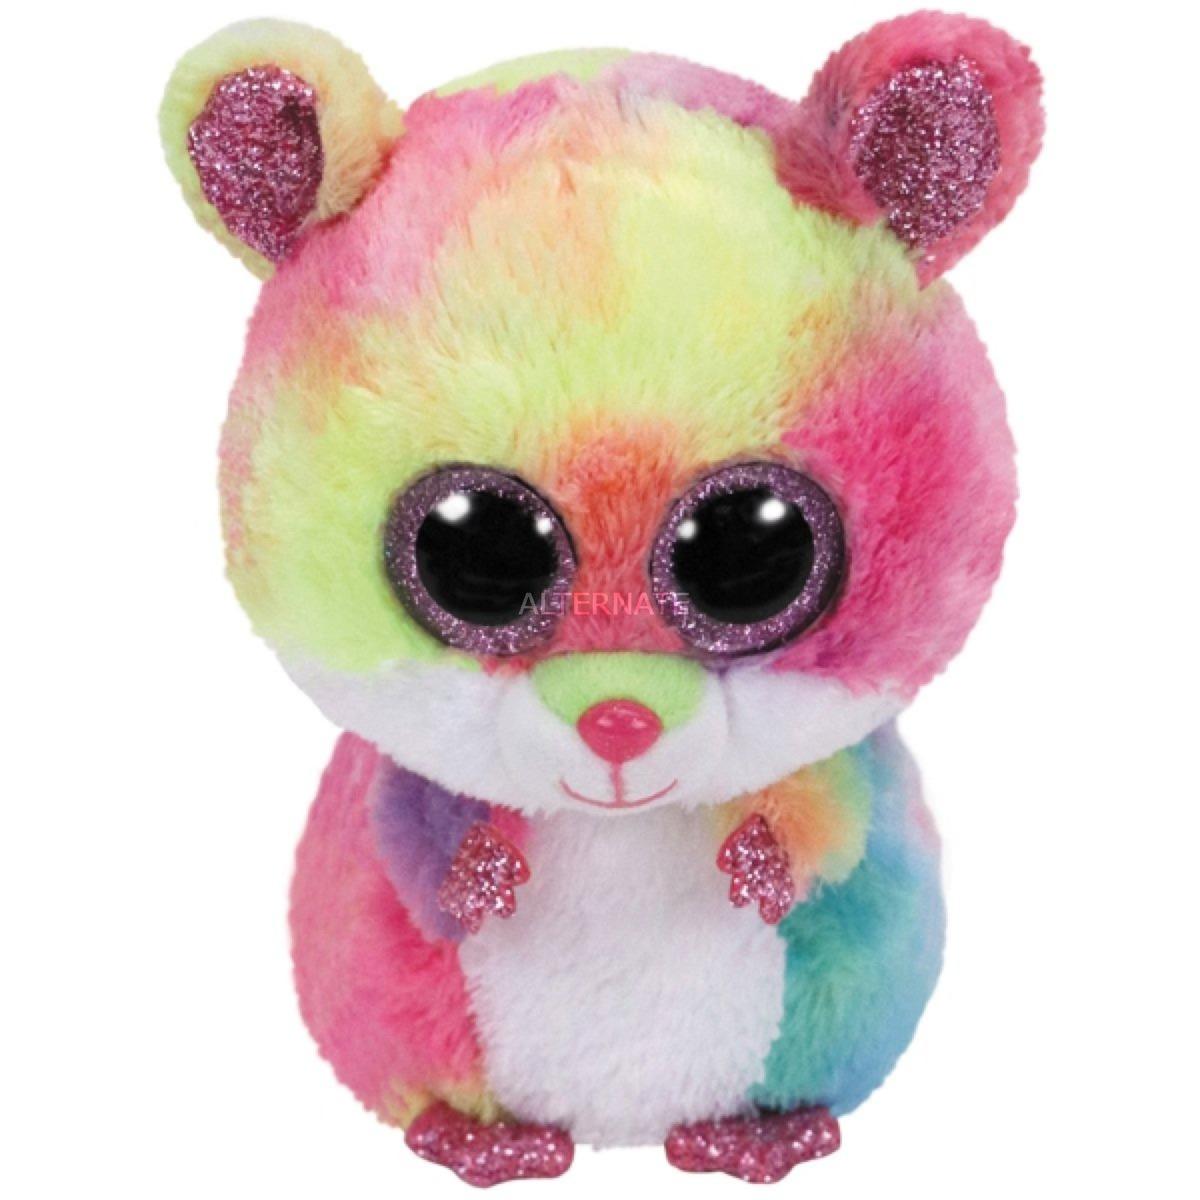 7136416 Animales de juguete Tela Multicolor juguete de peluche, Peluches